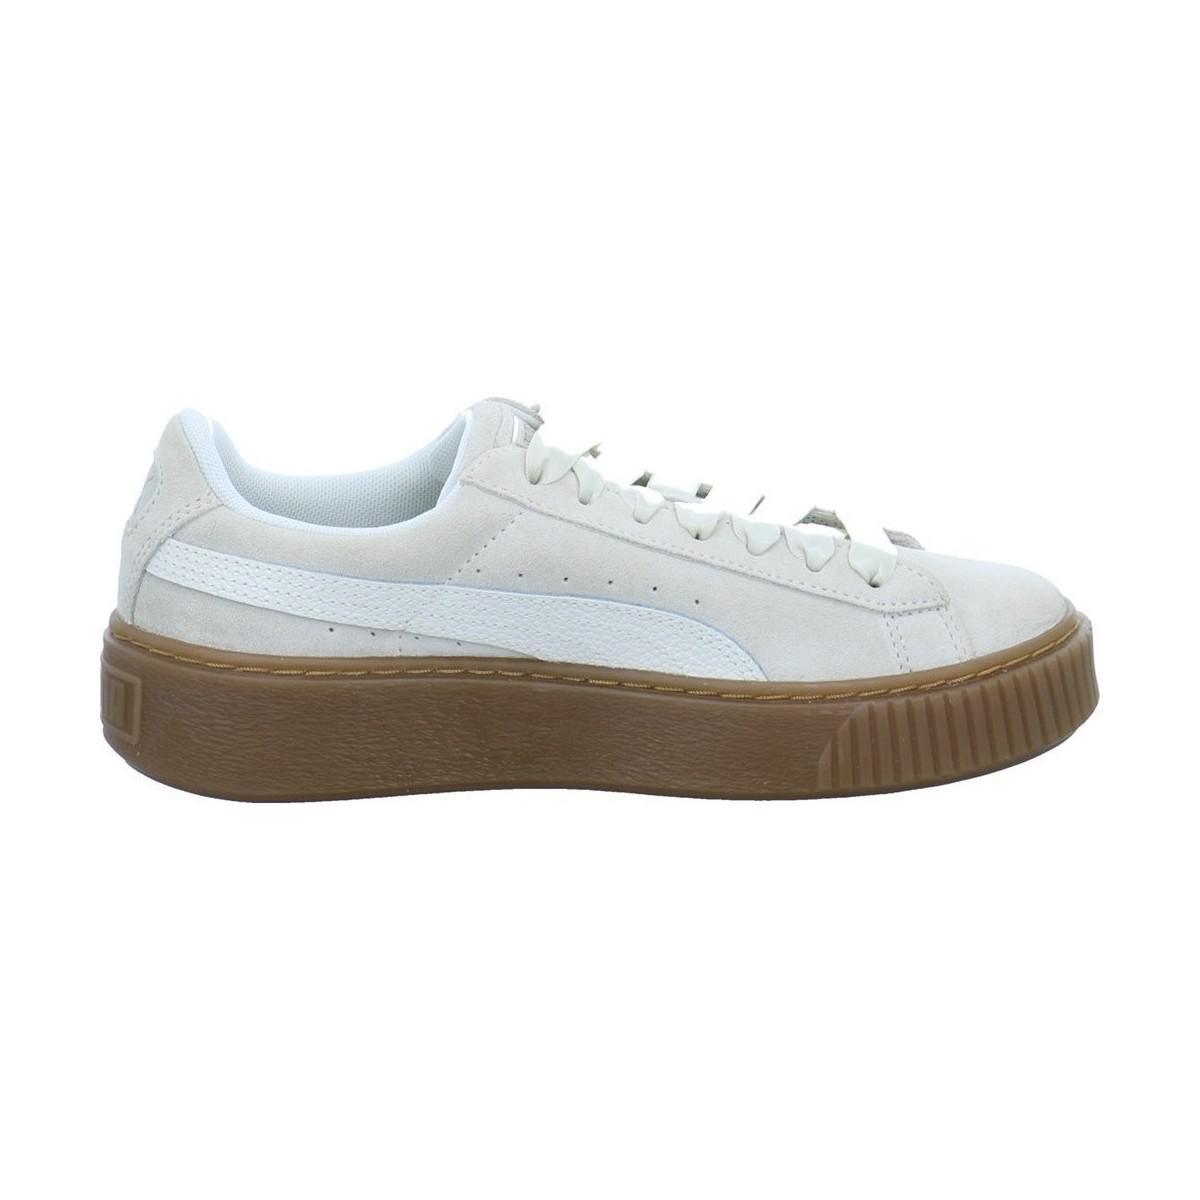 separation shoes d2032 4c066 PUMA Suede Platform Bubble Women's Shoes (trainers) In ...